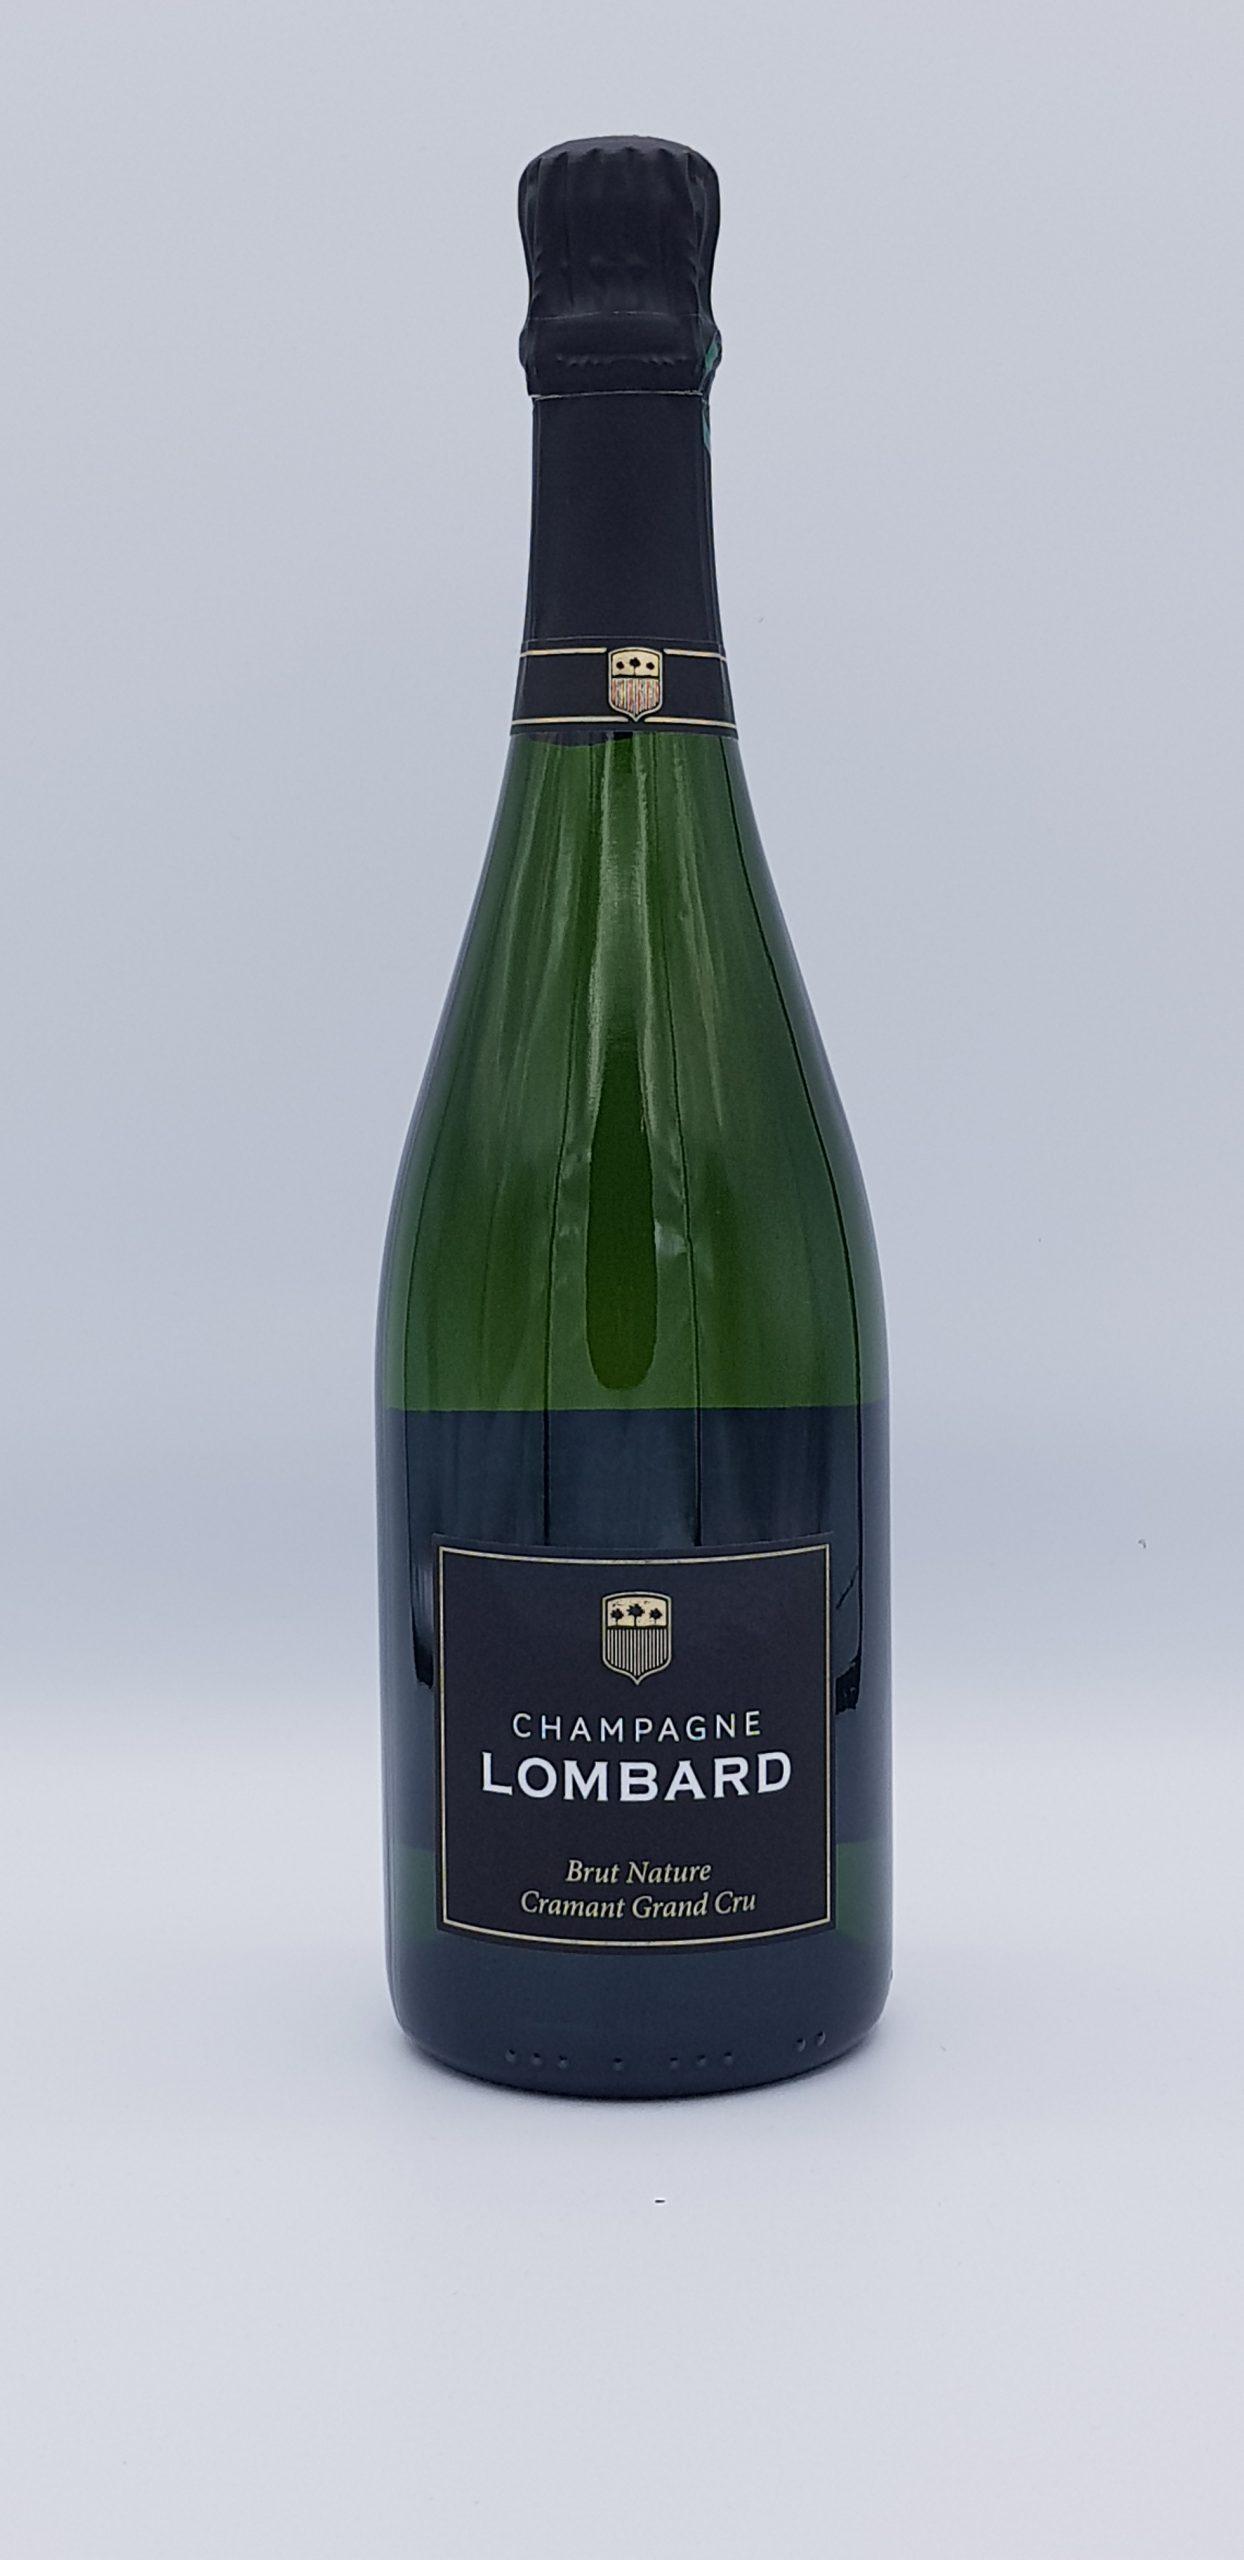 Champagne Lombard Brut Nature Grd Cru Cramant